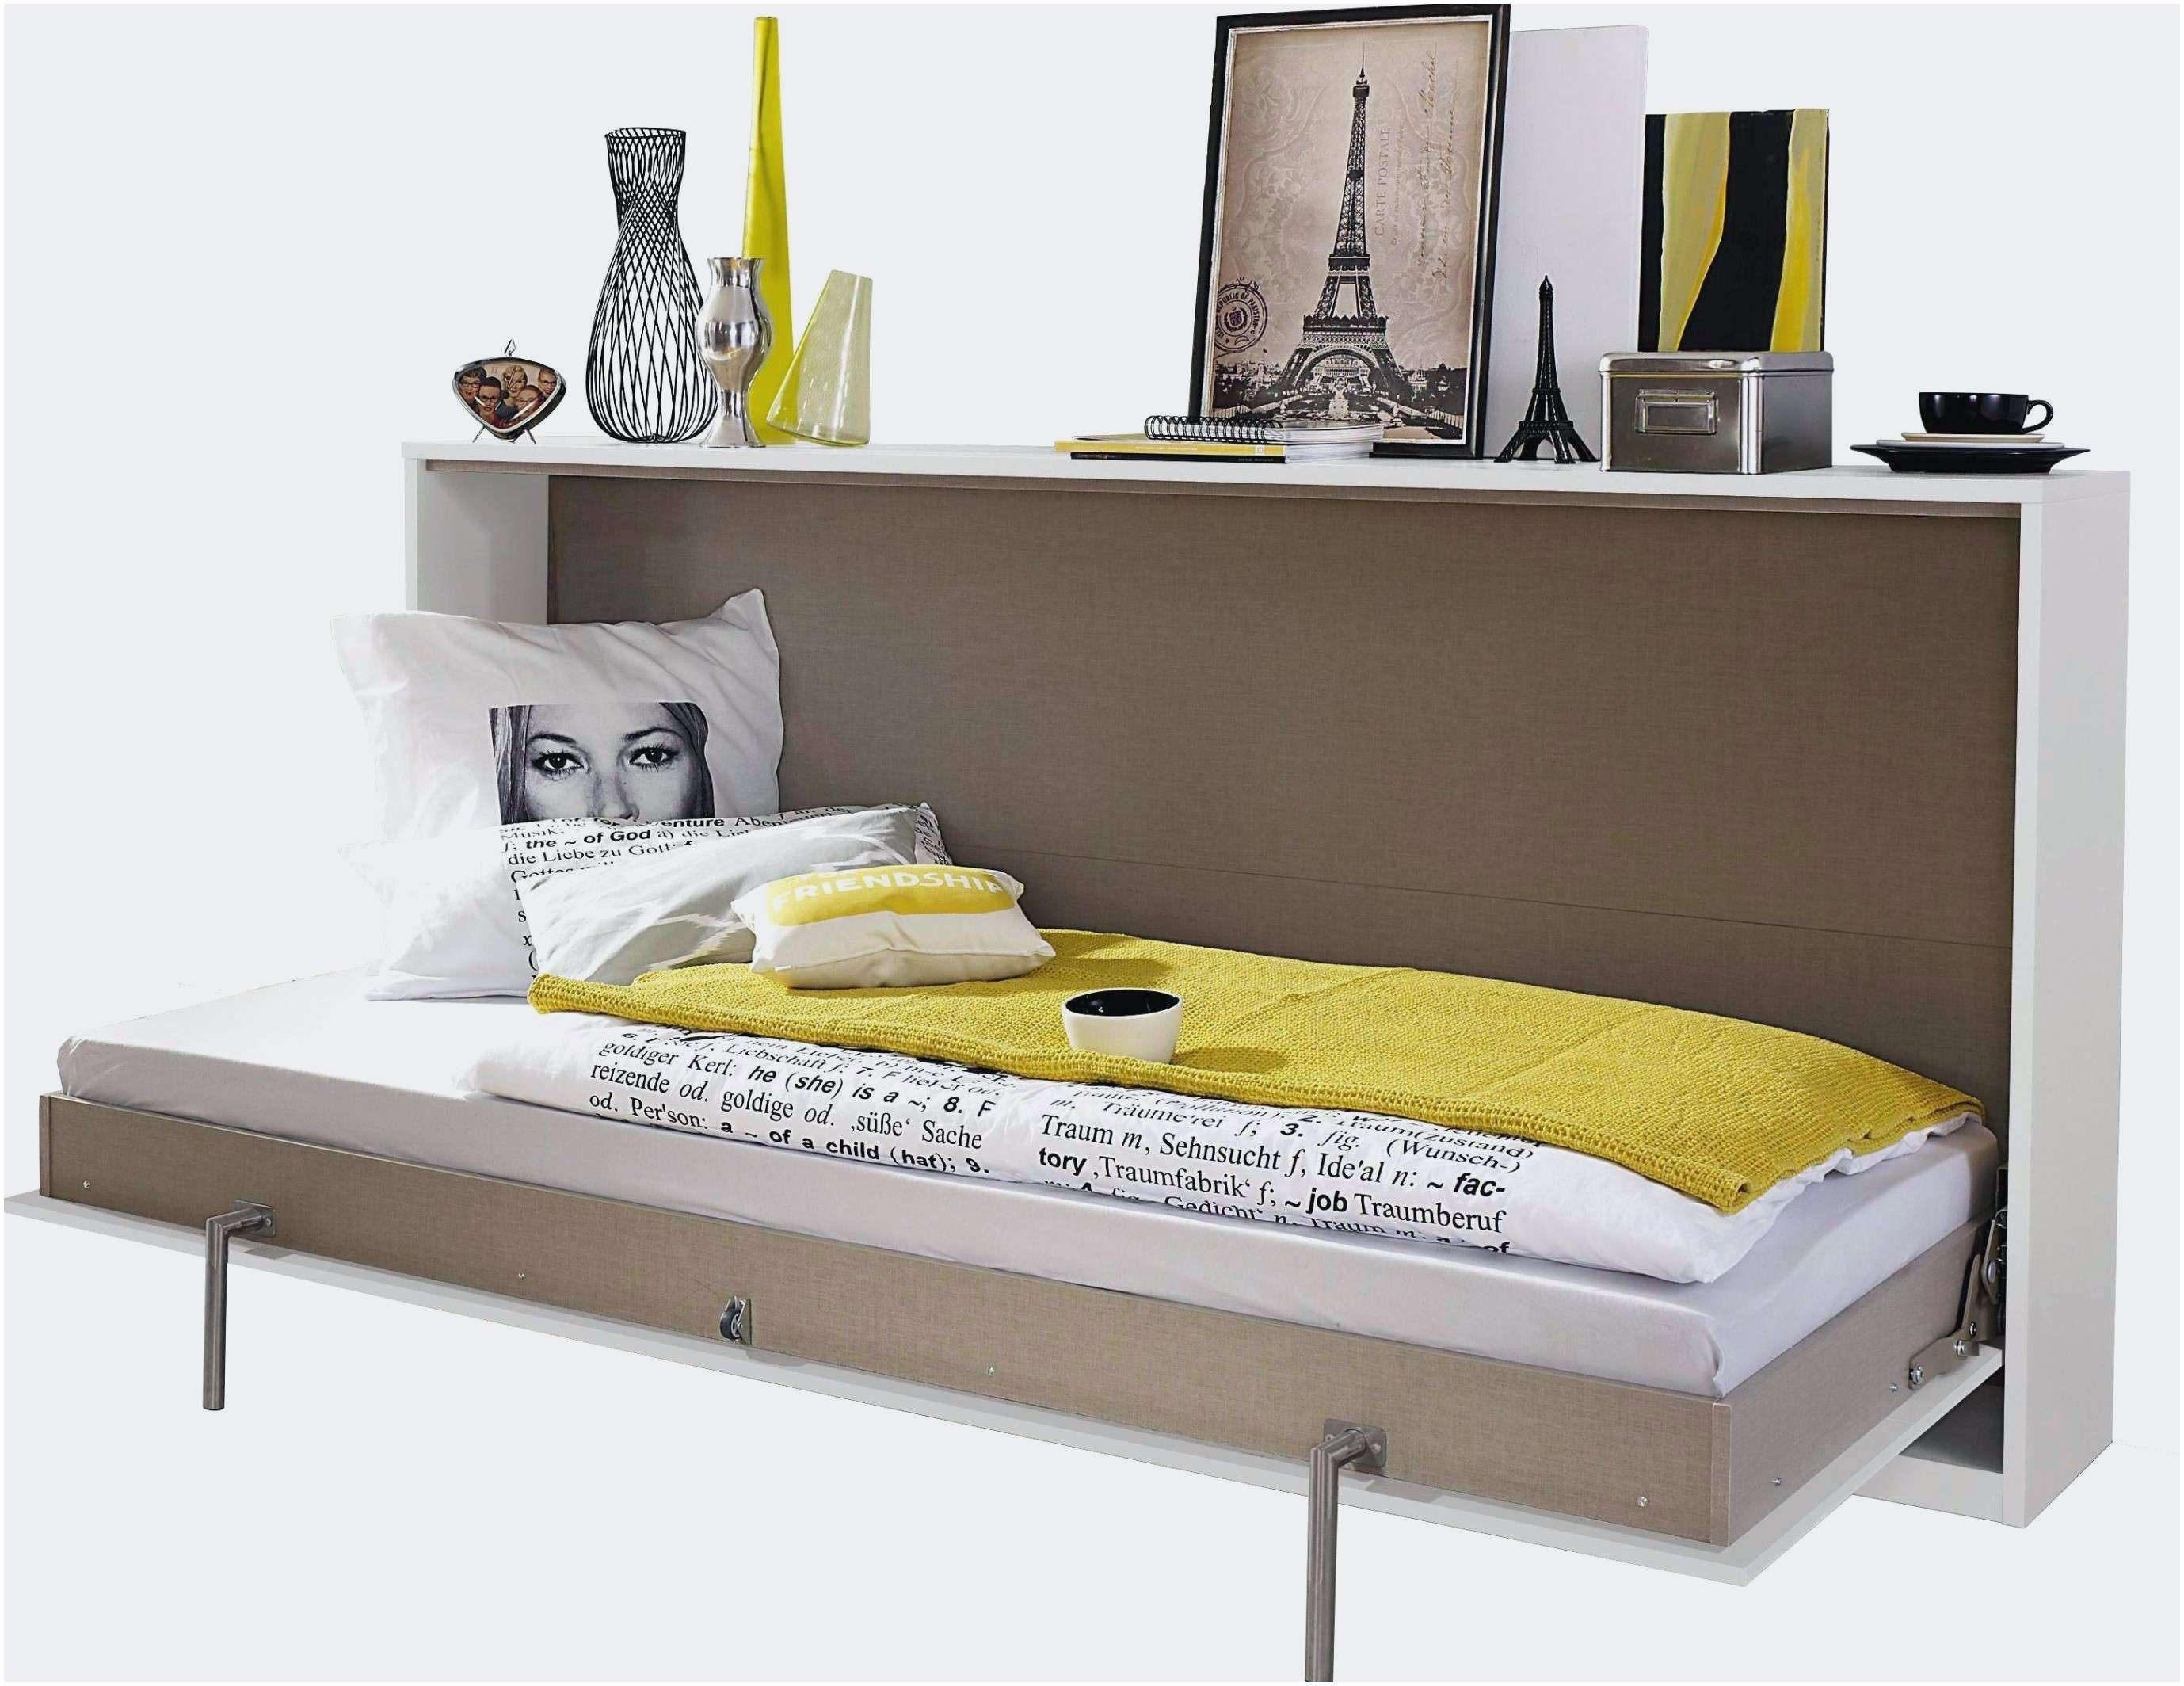 Ikea Canapé Lit Meilleur De Inspiré Canape Lit Gigogne Ikea Matelas Banquette Ikea